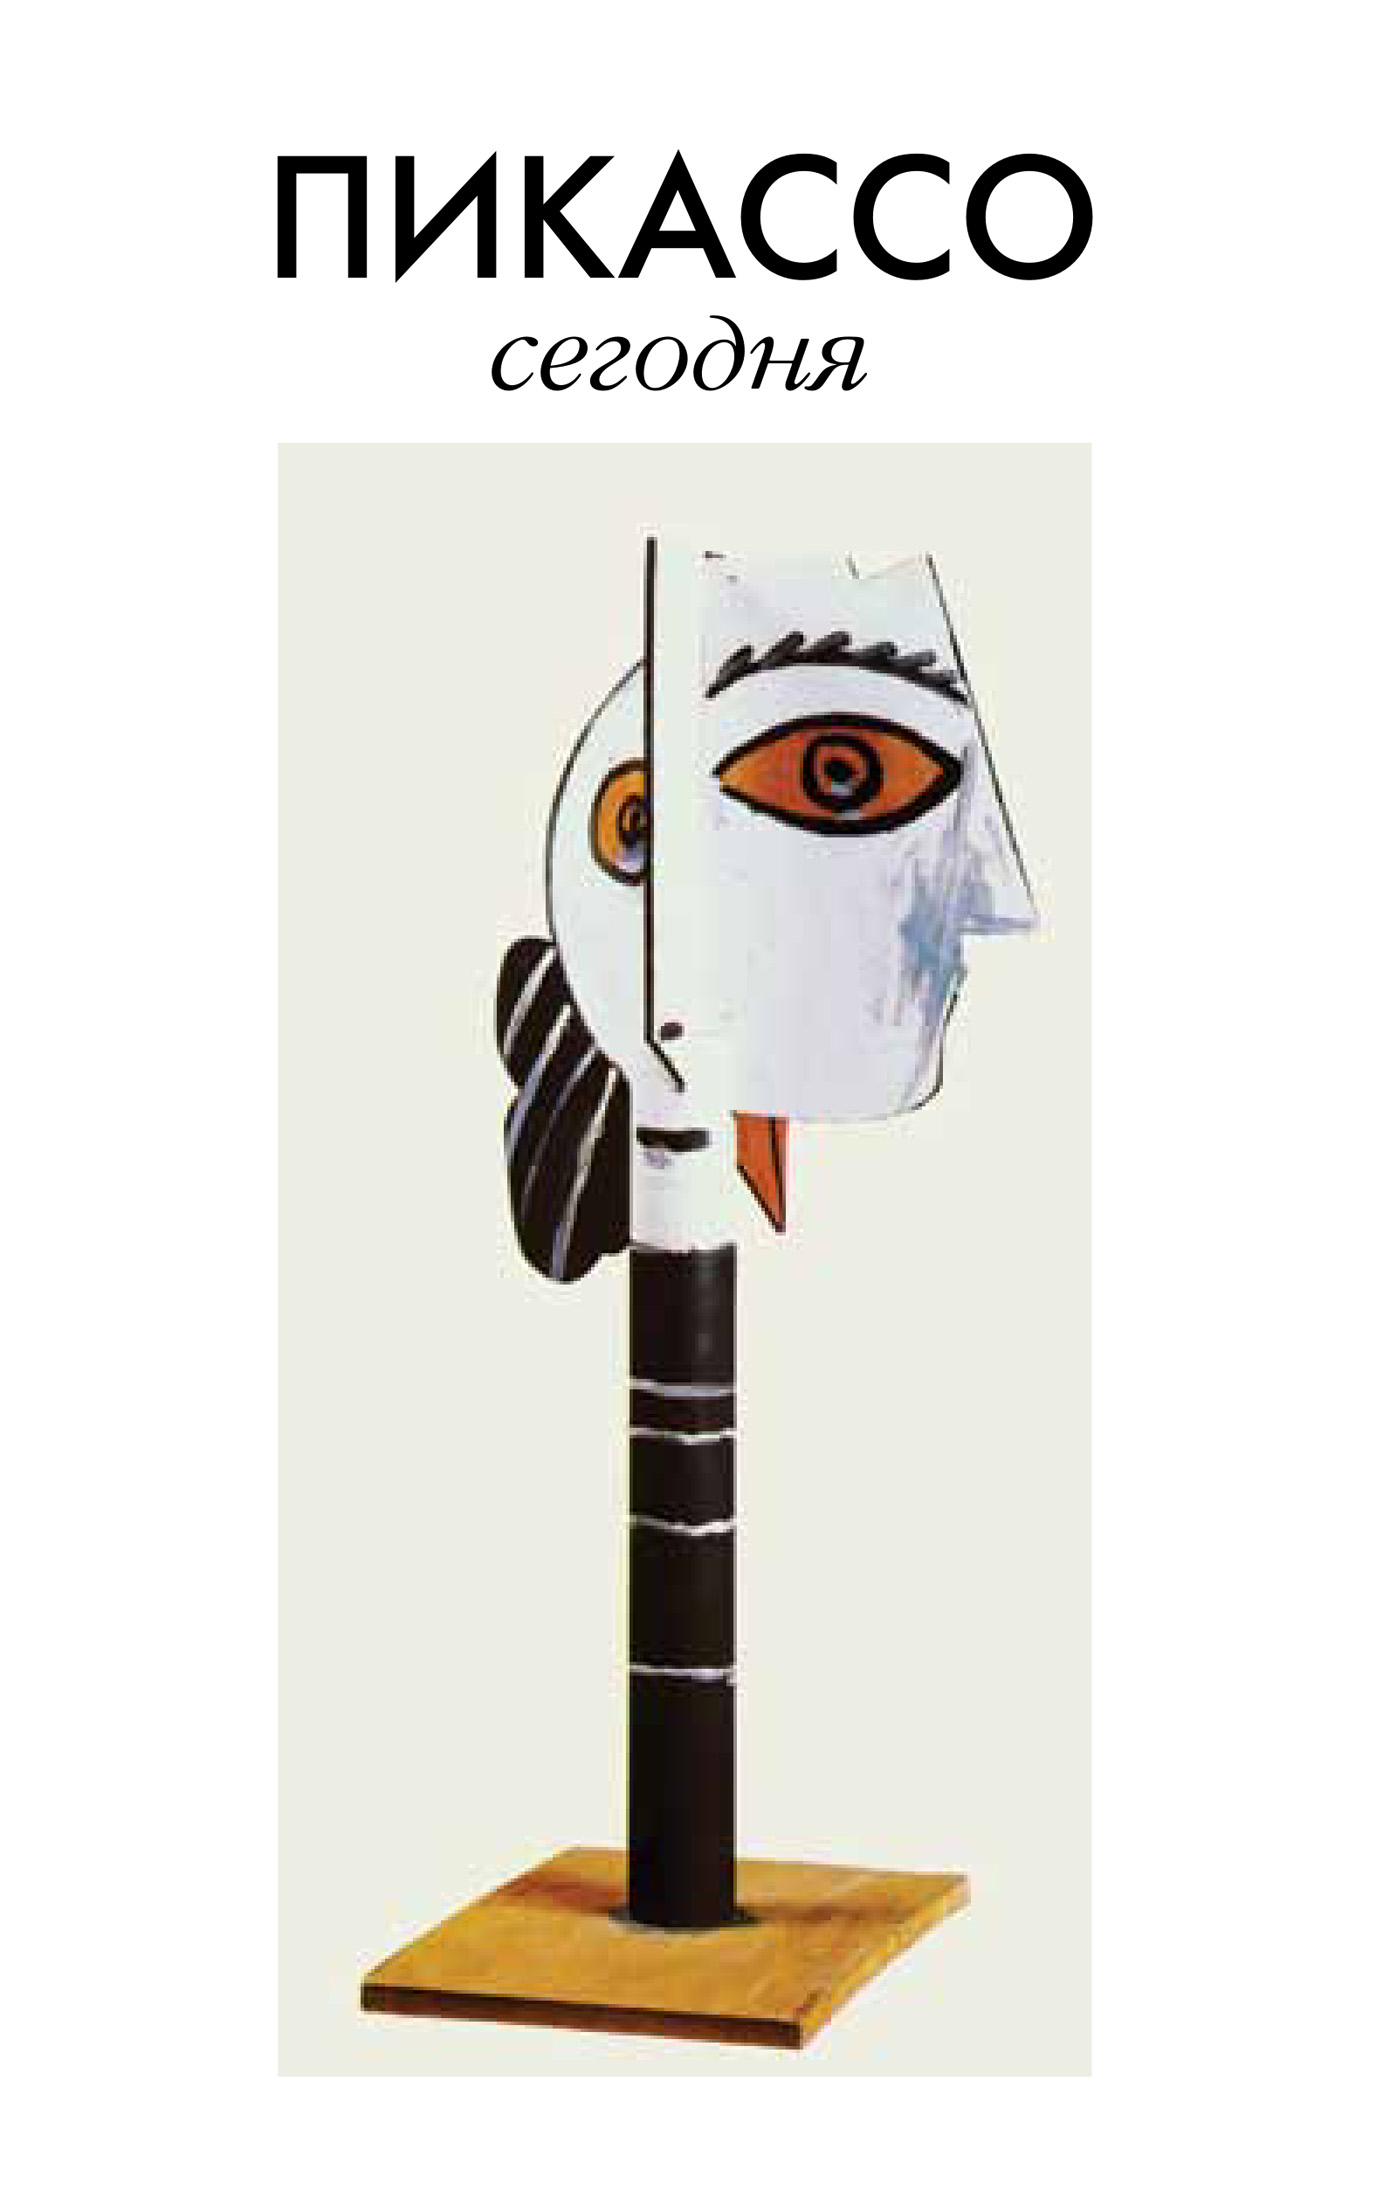 Коллектив авторов Пикассо сегодня. Коллективная монография